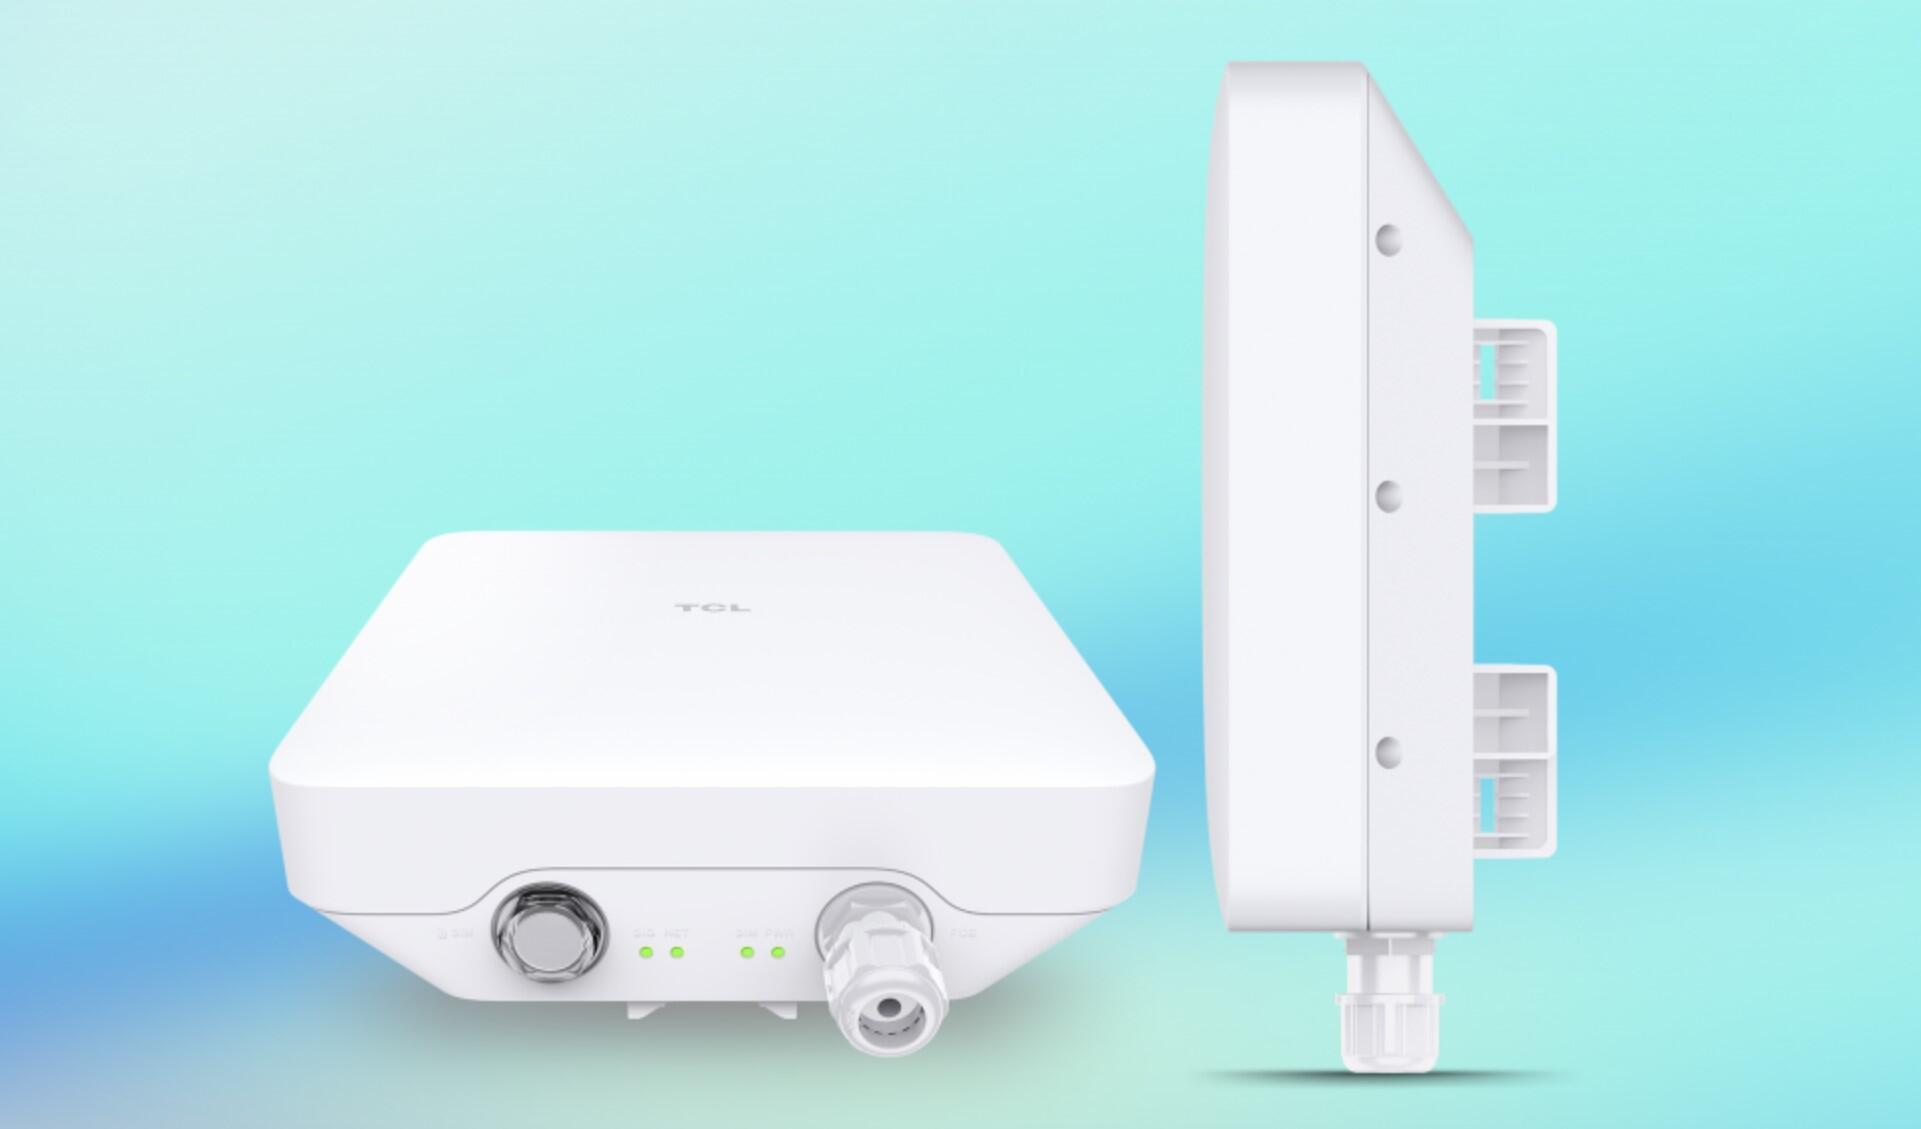 TCL, evde internet hızını artıran yeni 5G CPE'yi tanıttı